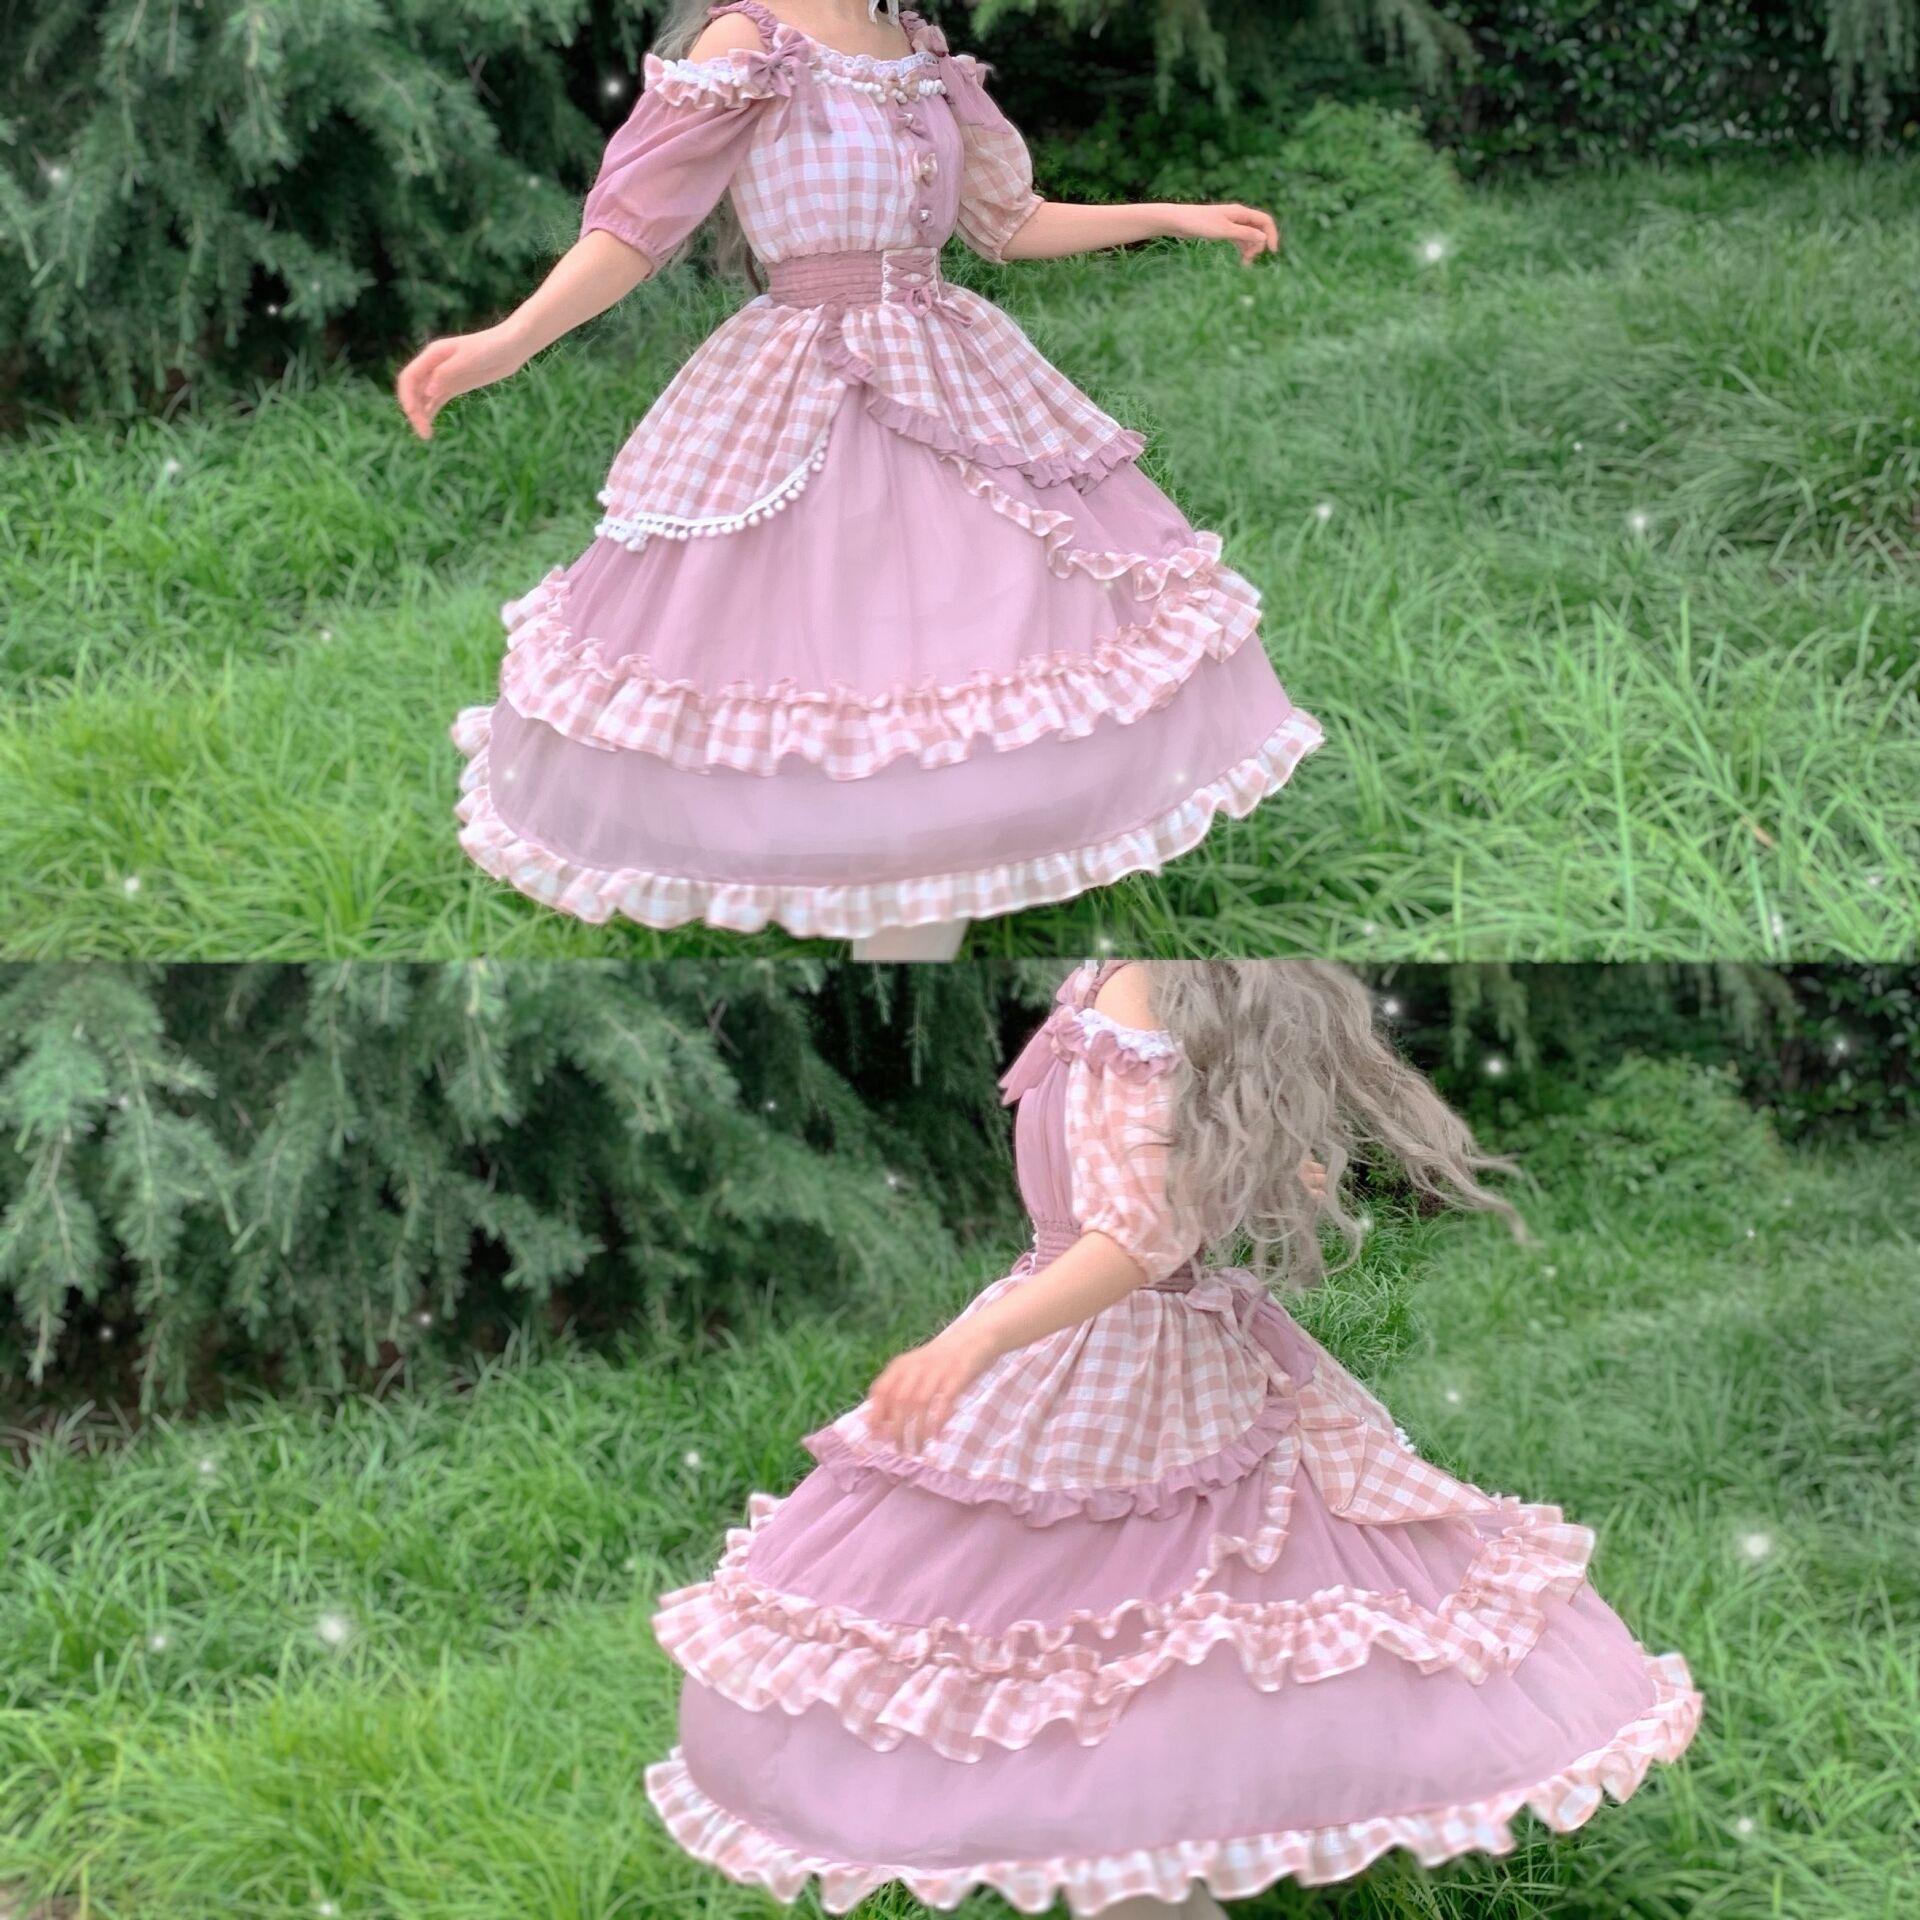 {午後のピクニック}オリジナルLolitaスカート夏のワンピースステッチレースウエストの小さいウエストのop